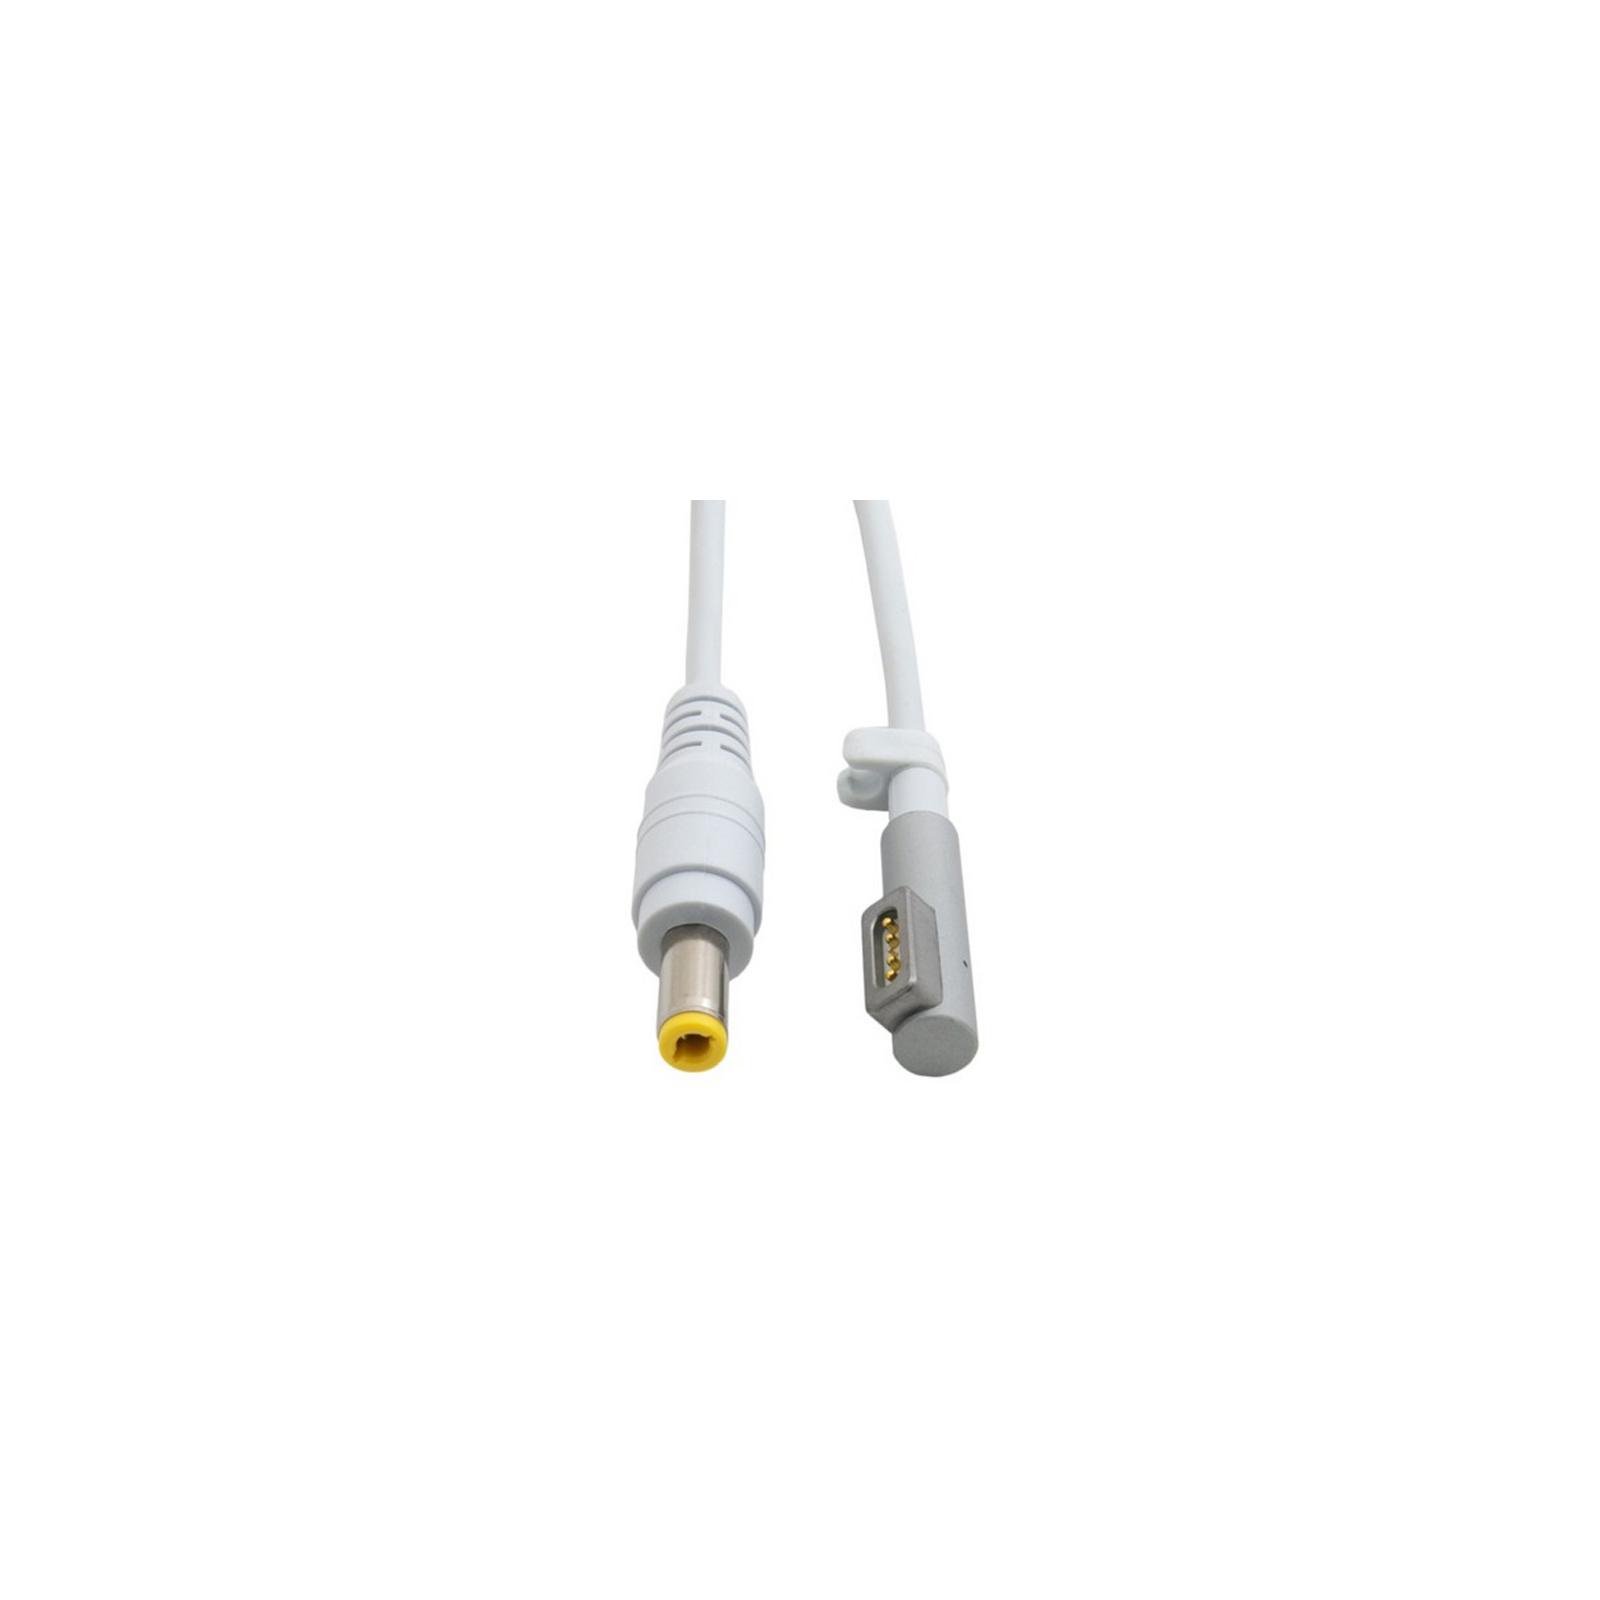 Кабель питания EXTRADIGITAL Apple MagSafe1 to PowerBank DC Plug 5.5*2.5 (KBP1667) изображение 4